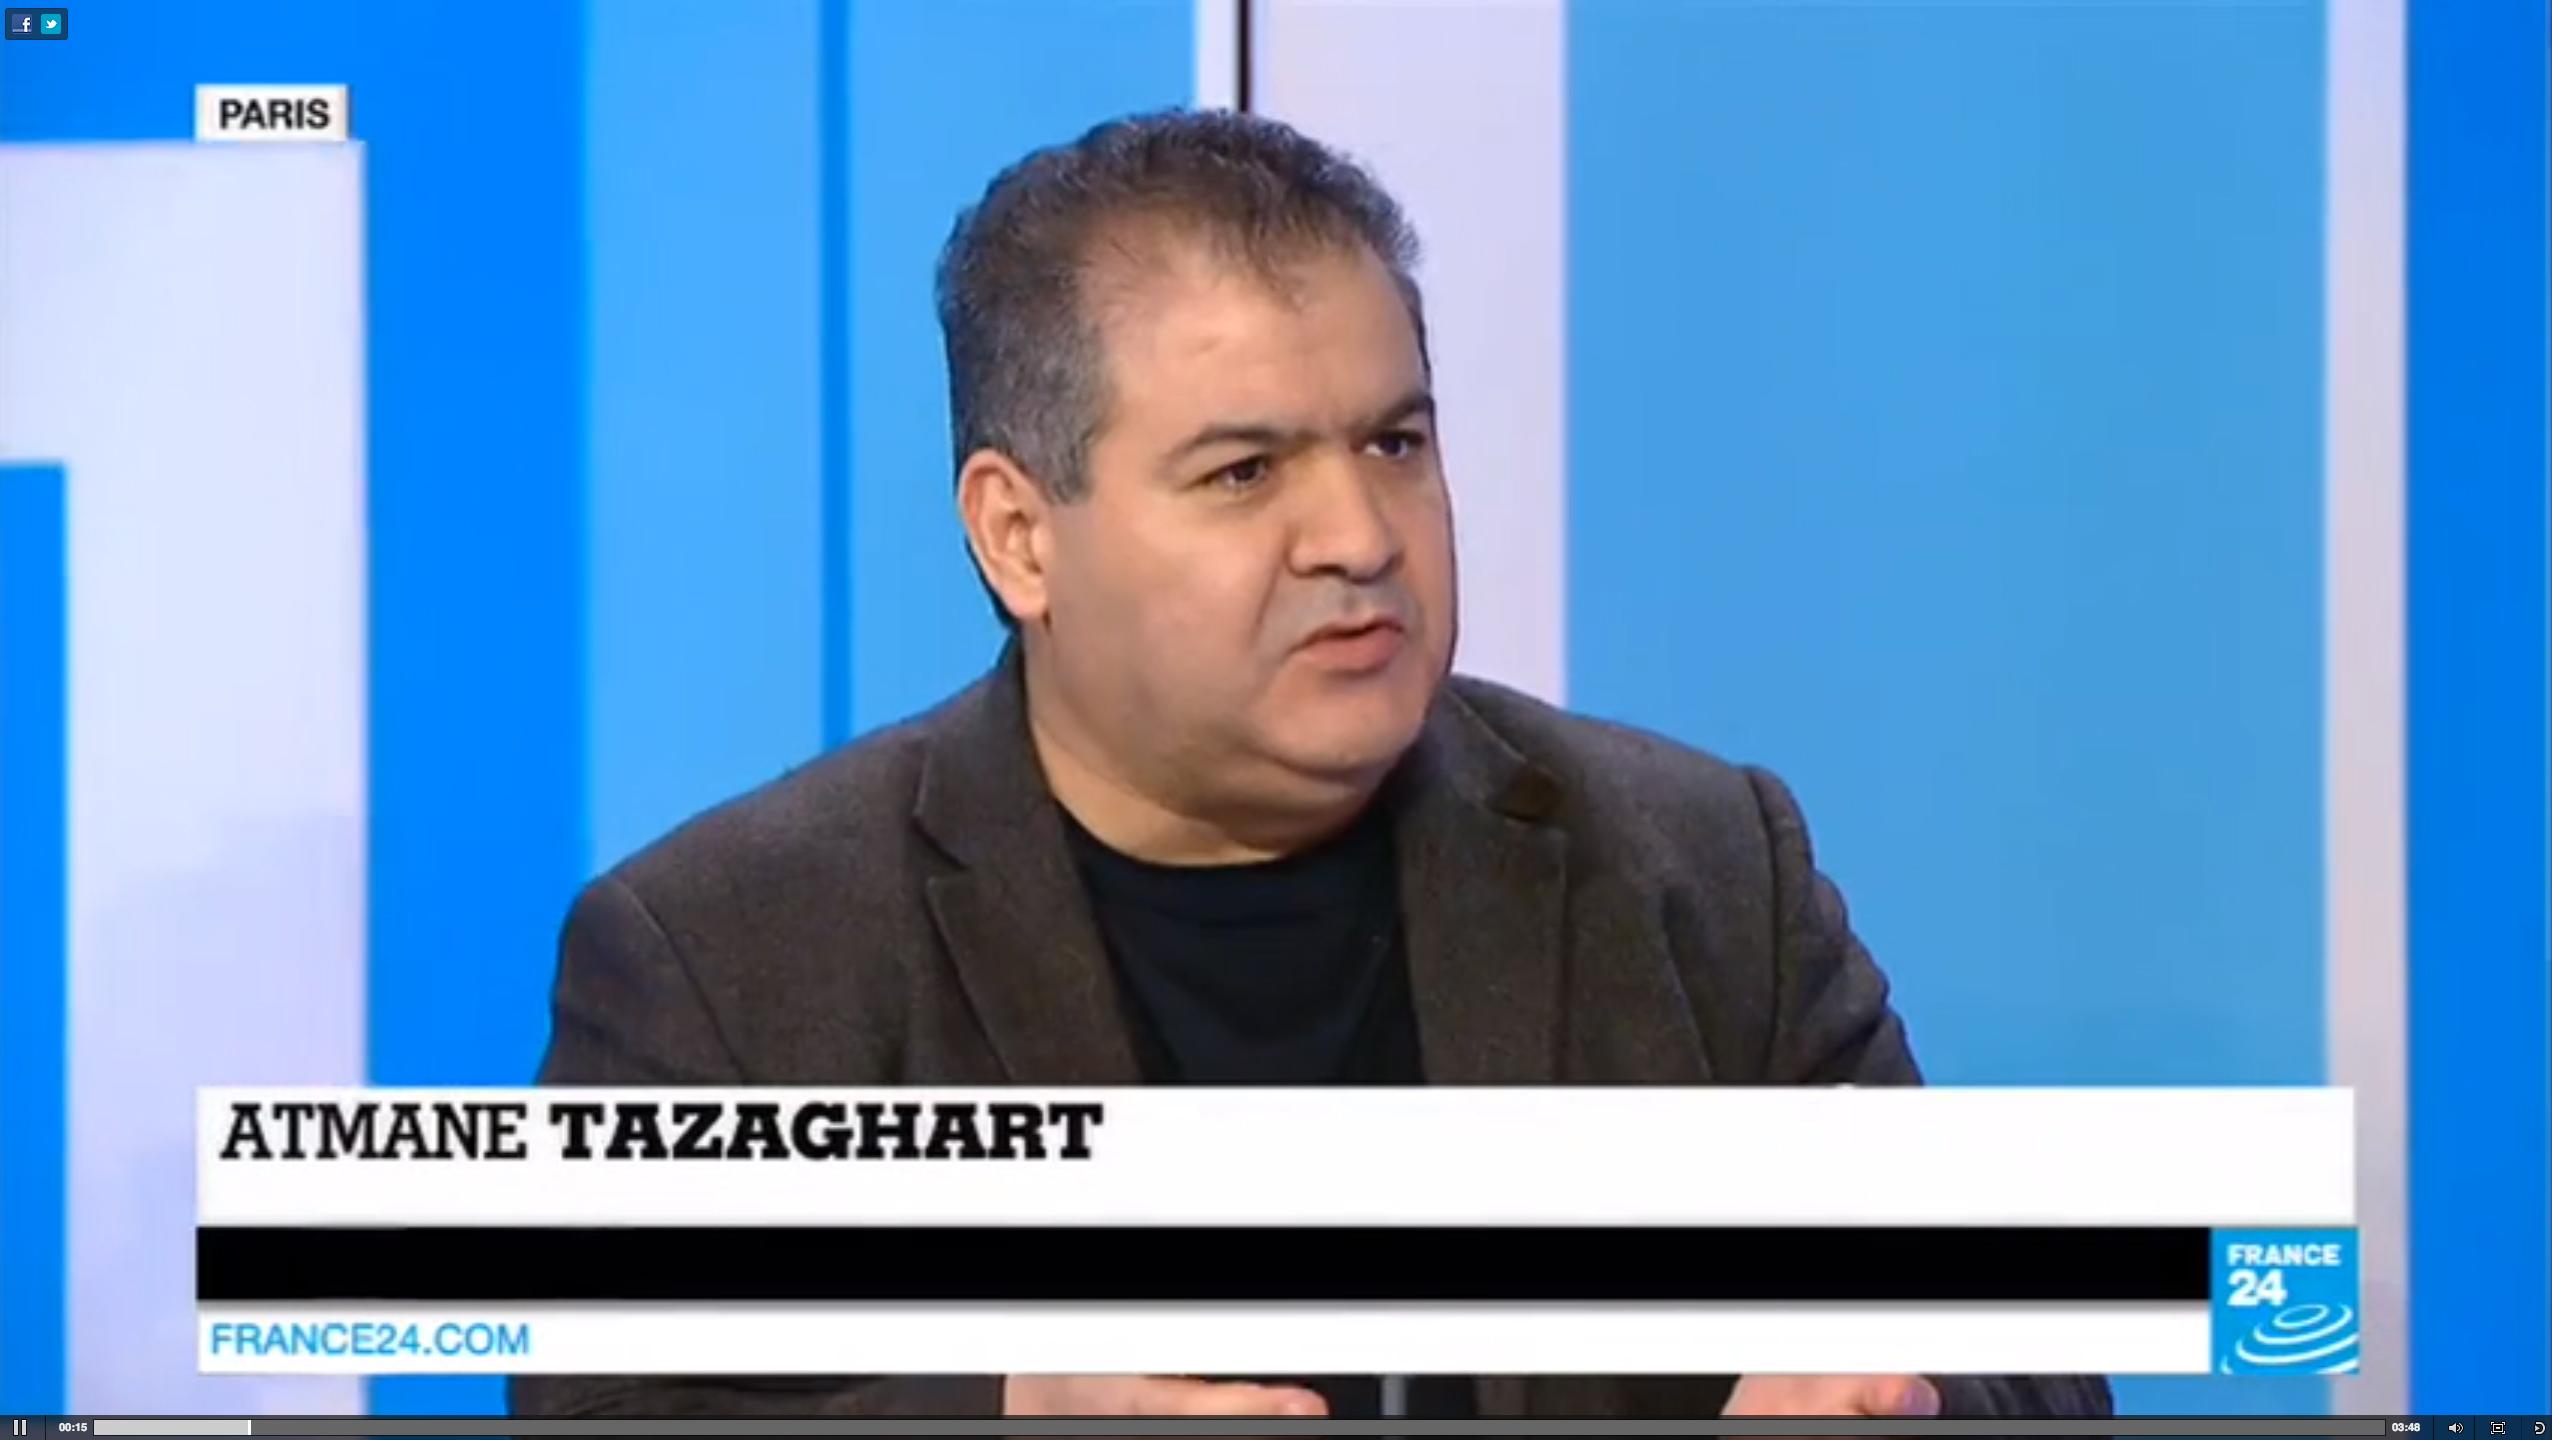 Atmane Tazaghart, rédacteur en chef de France 24 arabe.